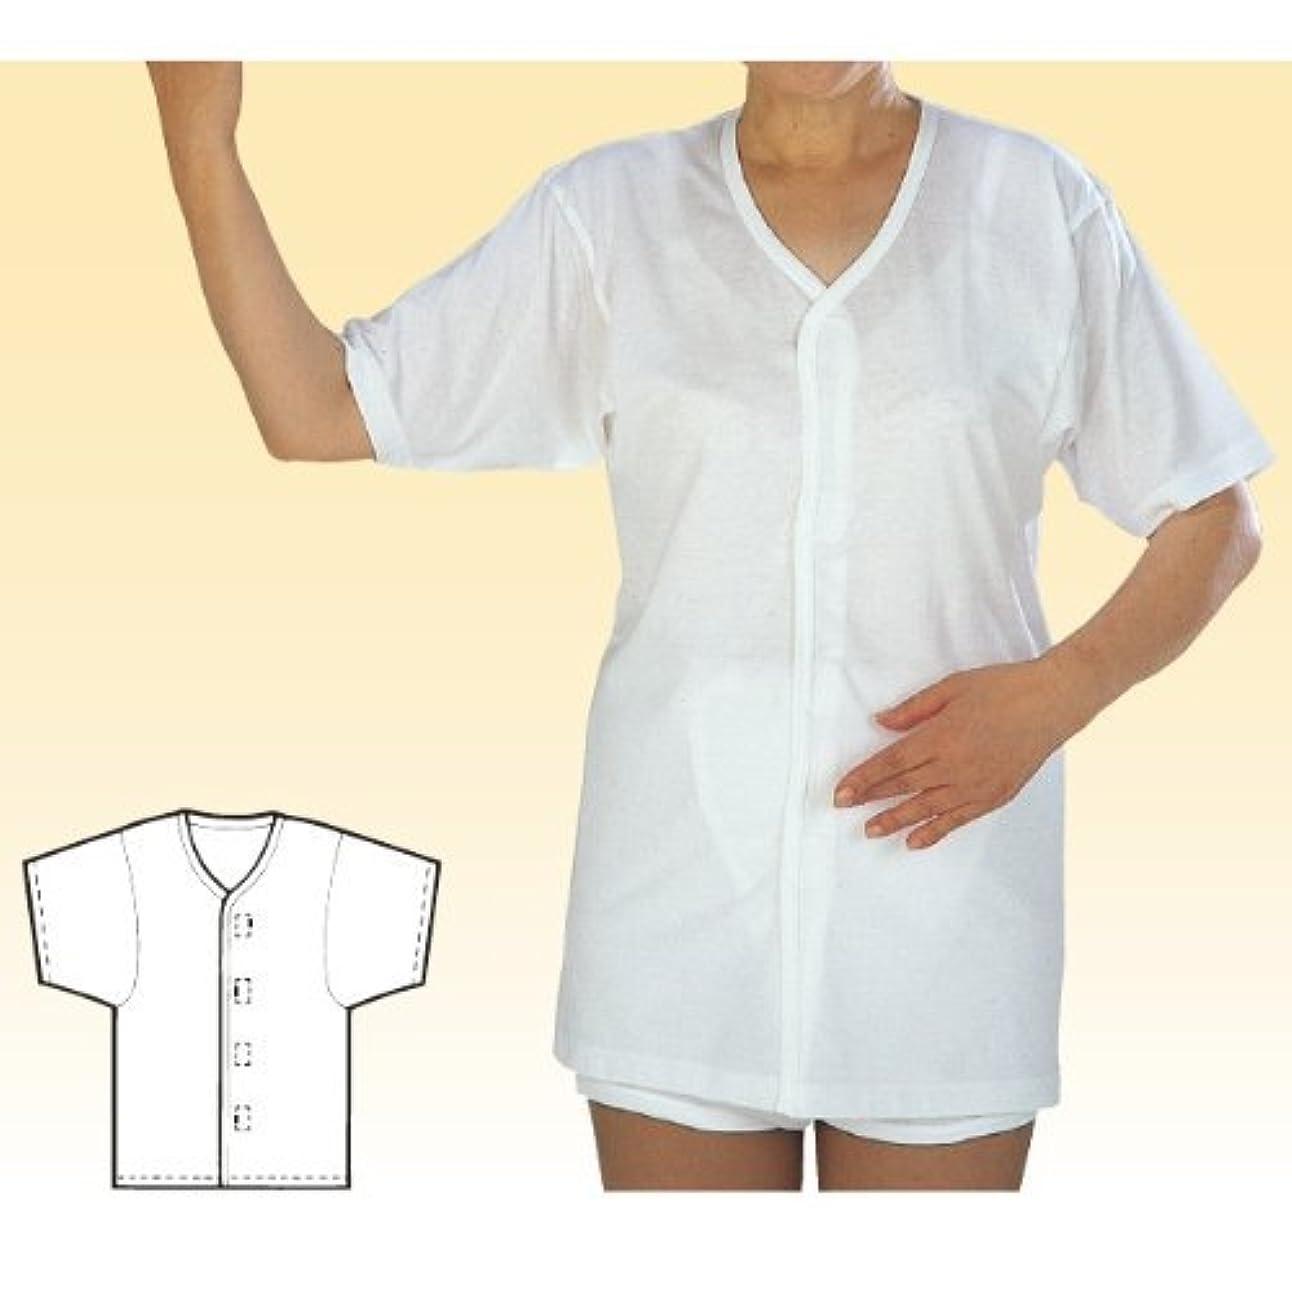 航海の有罪焼く幸和製作所 テイコブワンタッチ肌着半袖婦人用涼タイプ UN12W M